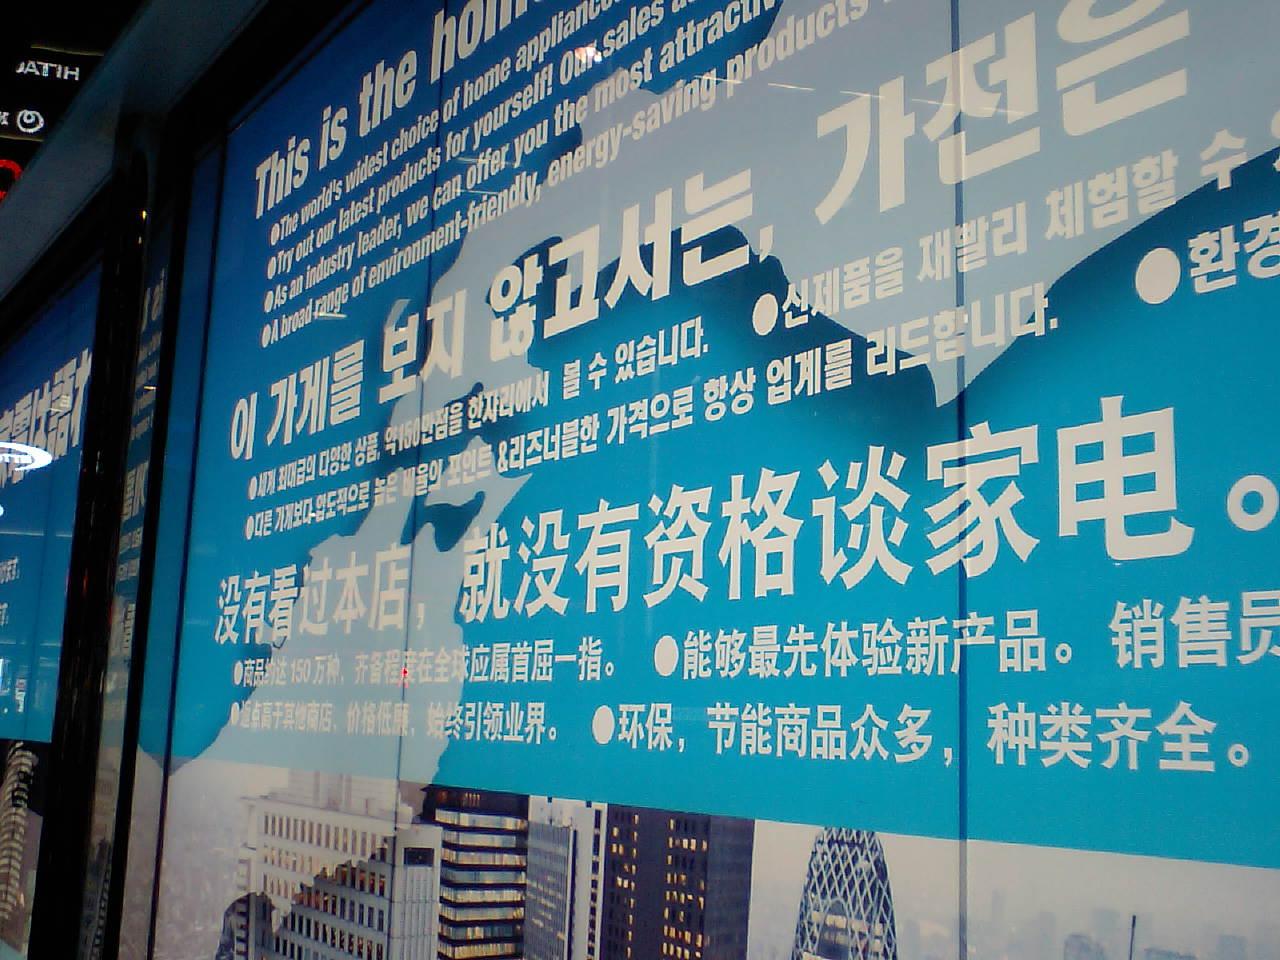 ヤマダ電気 日本総本店が池袋三越跡で開店 入り口に中国語案内板_d0027795_20293617.jpg